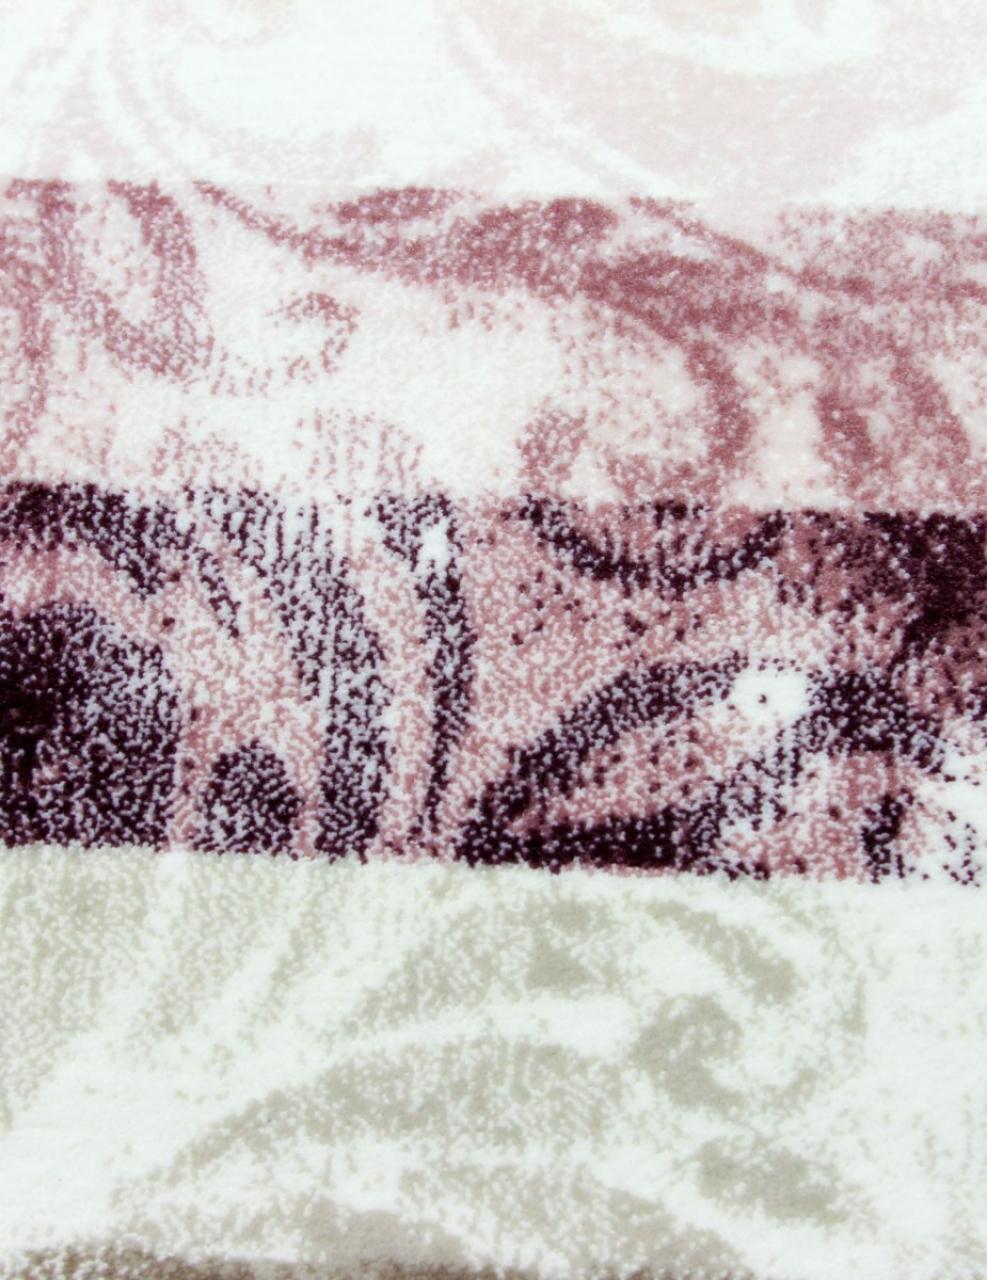 Ковер HY 95 - 760 - Прямоугольник - коллекция VENUS - фото 3